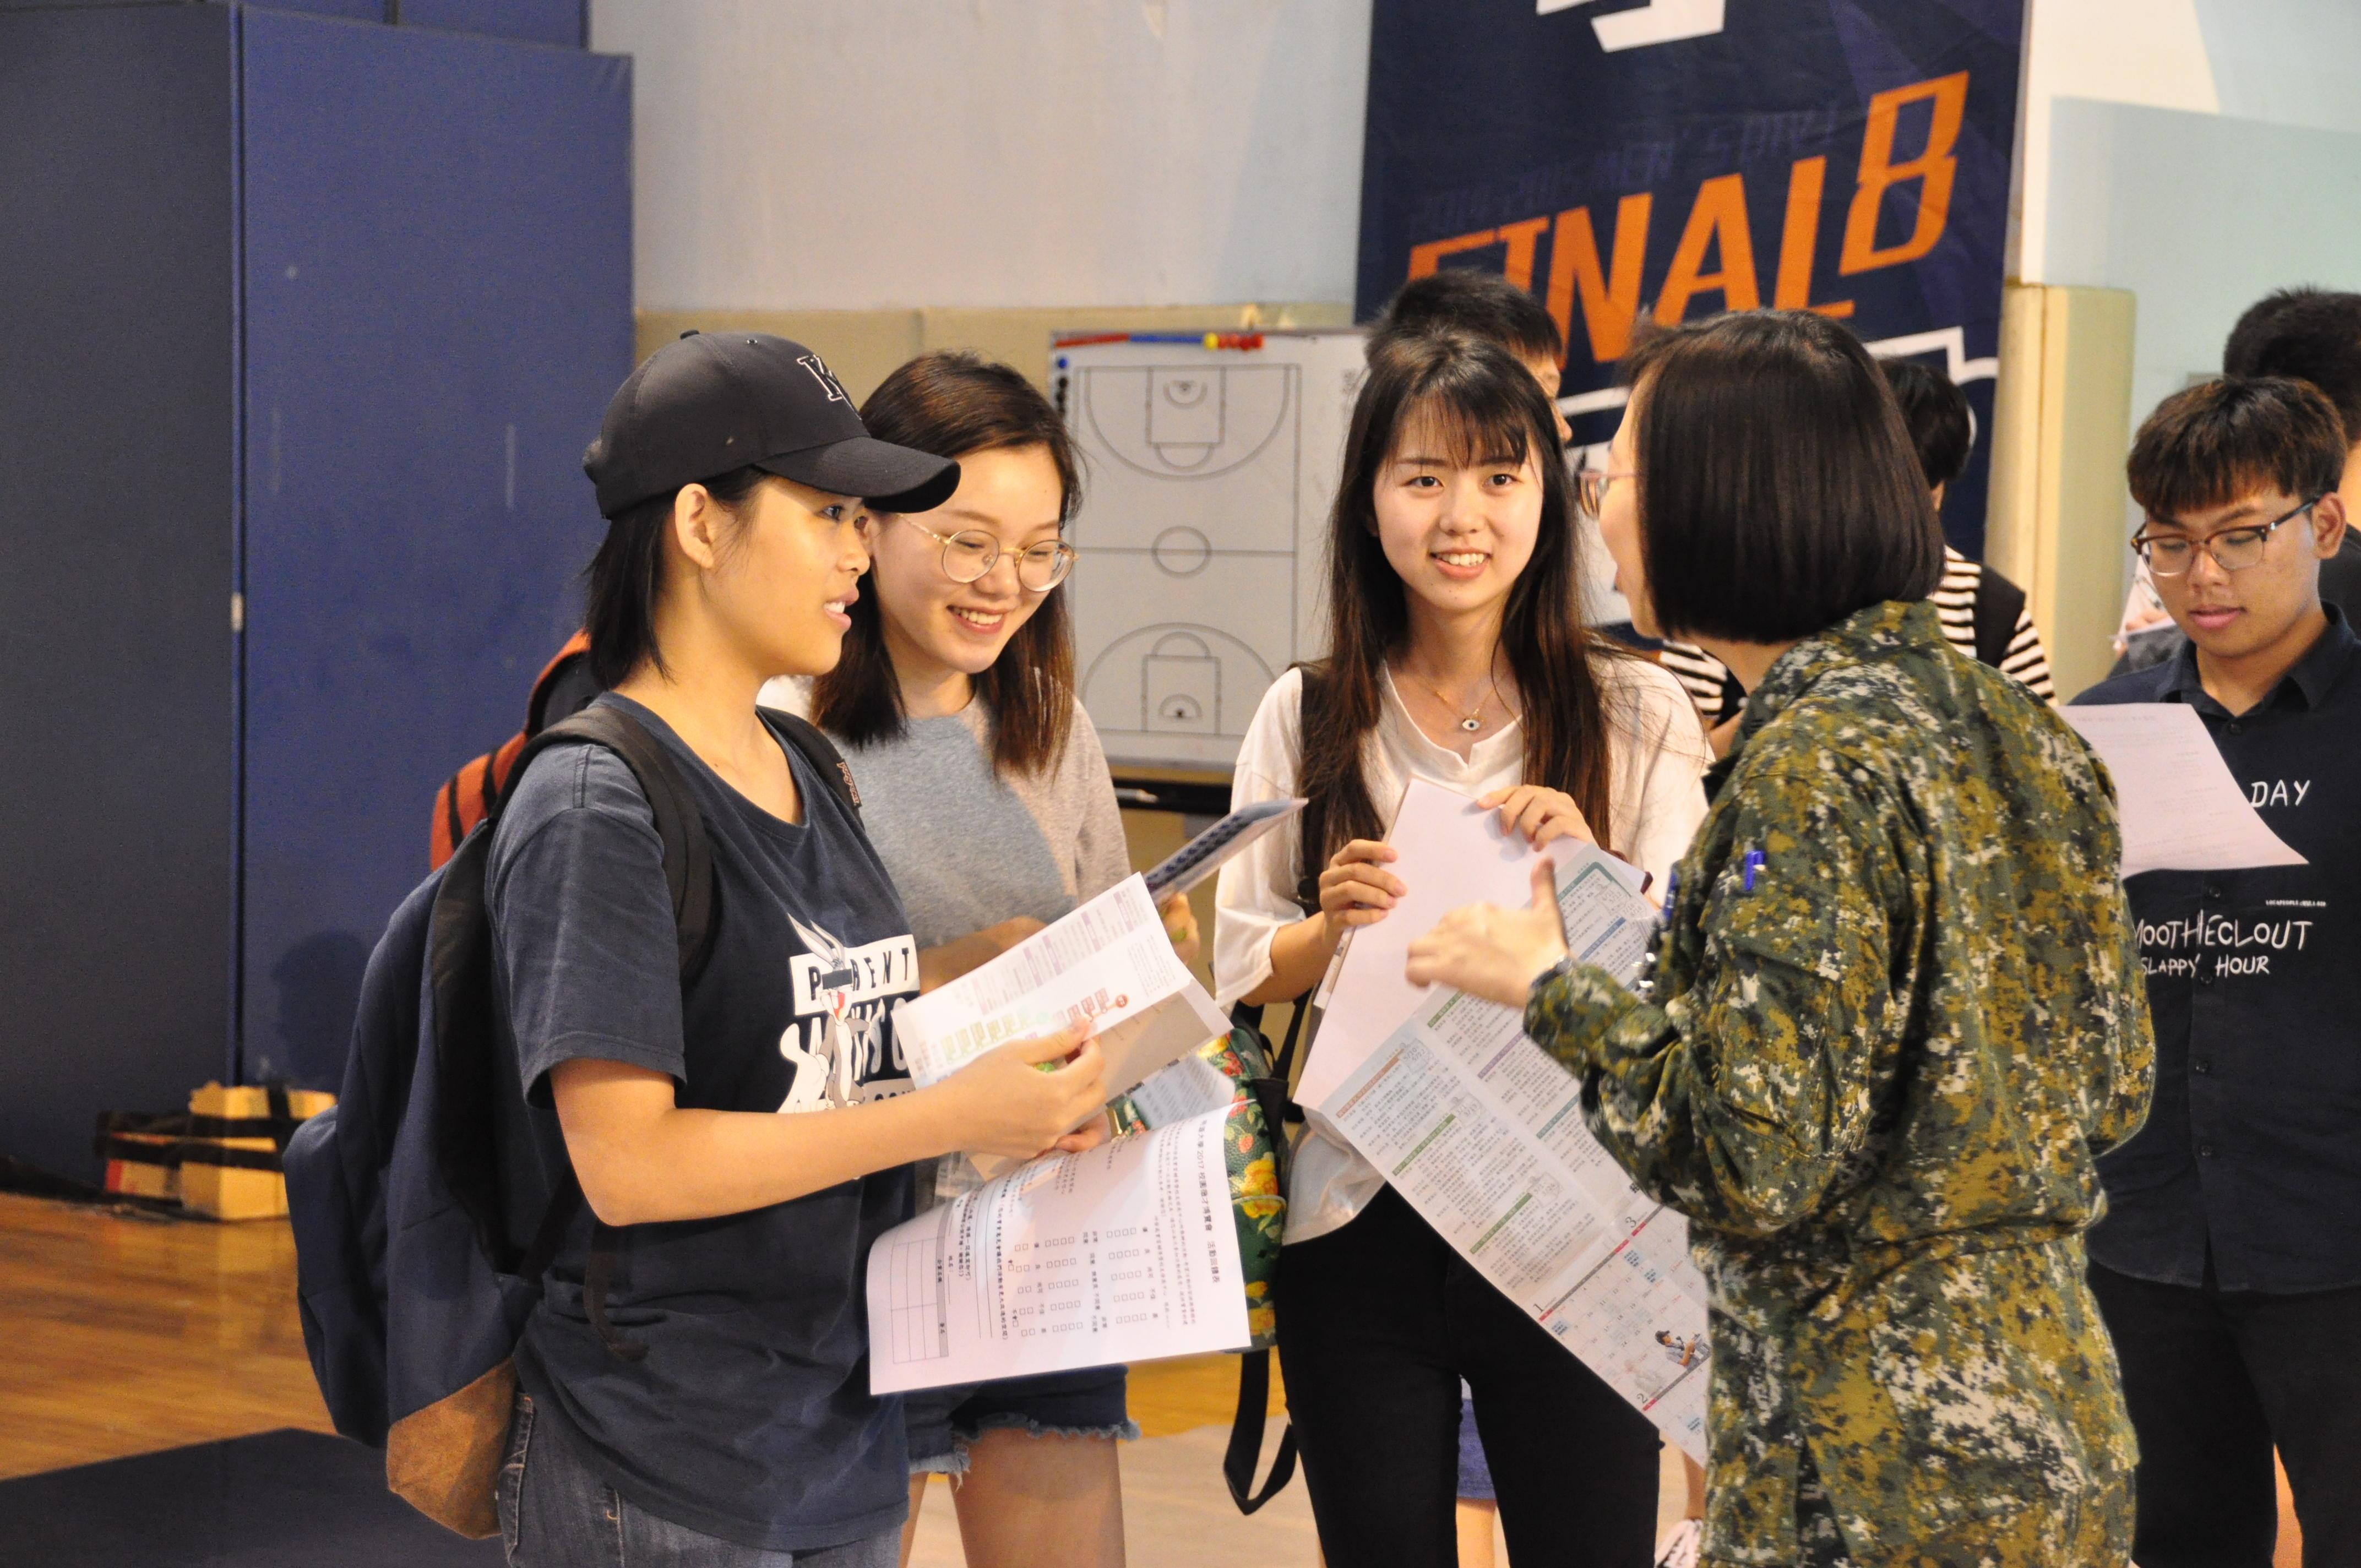 明道大學就業博覽會提供上千職缺,廠商端幸福找人才-明道大學